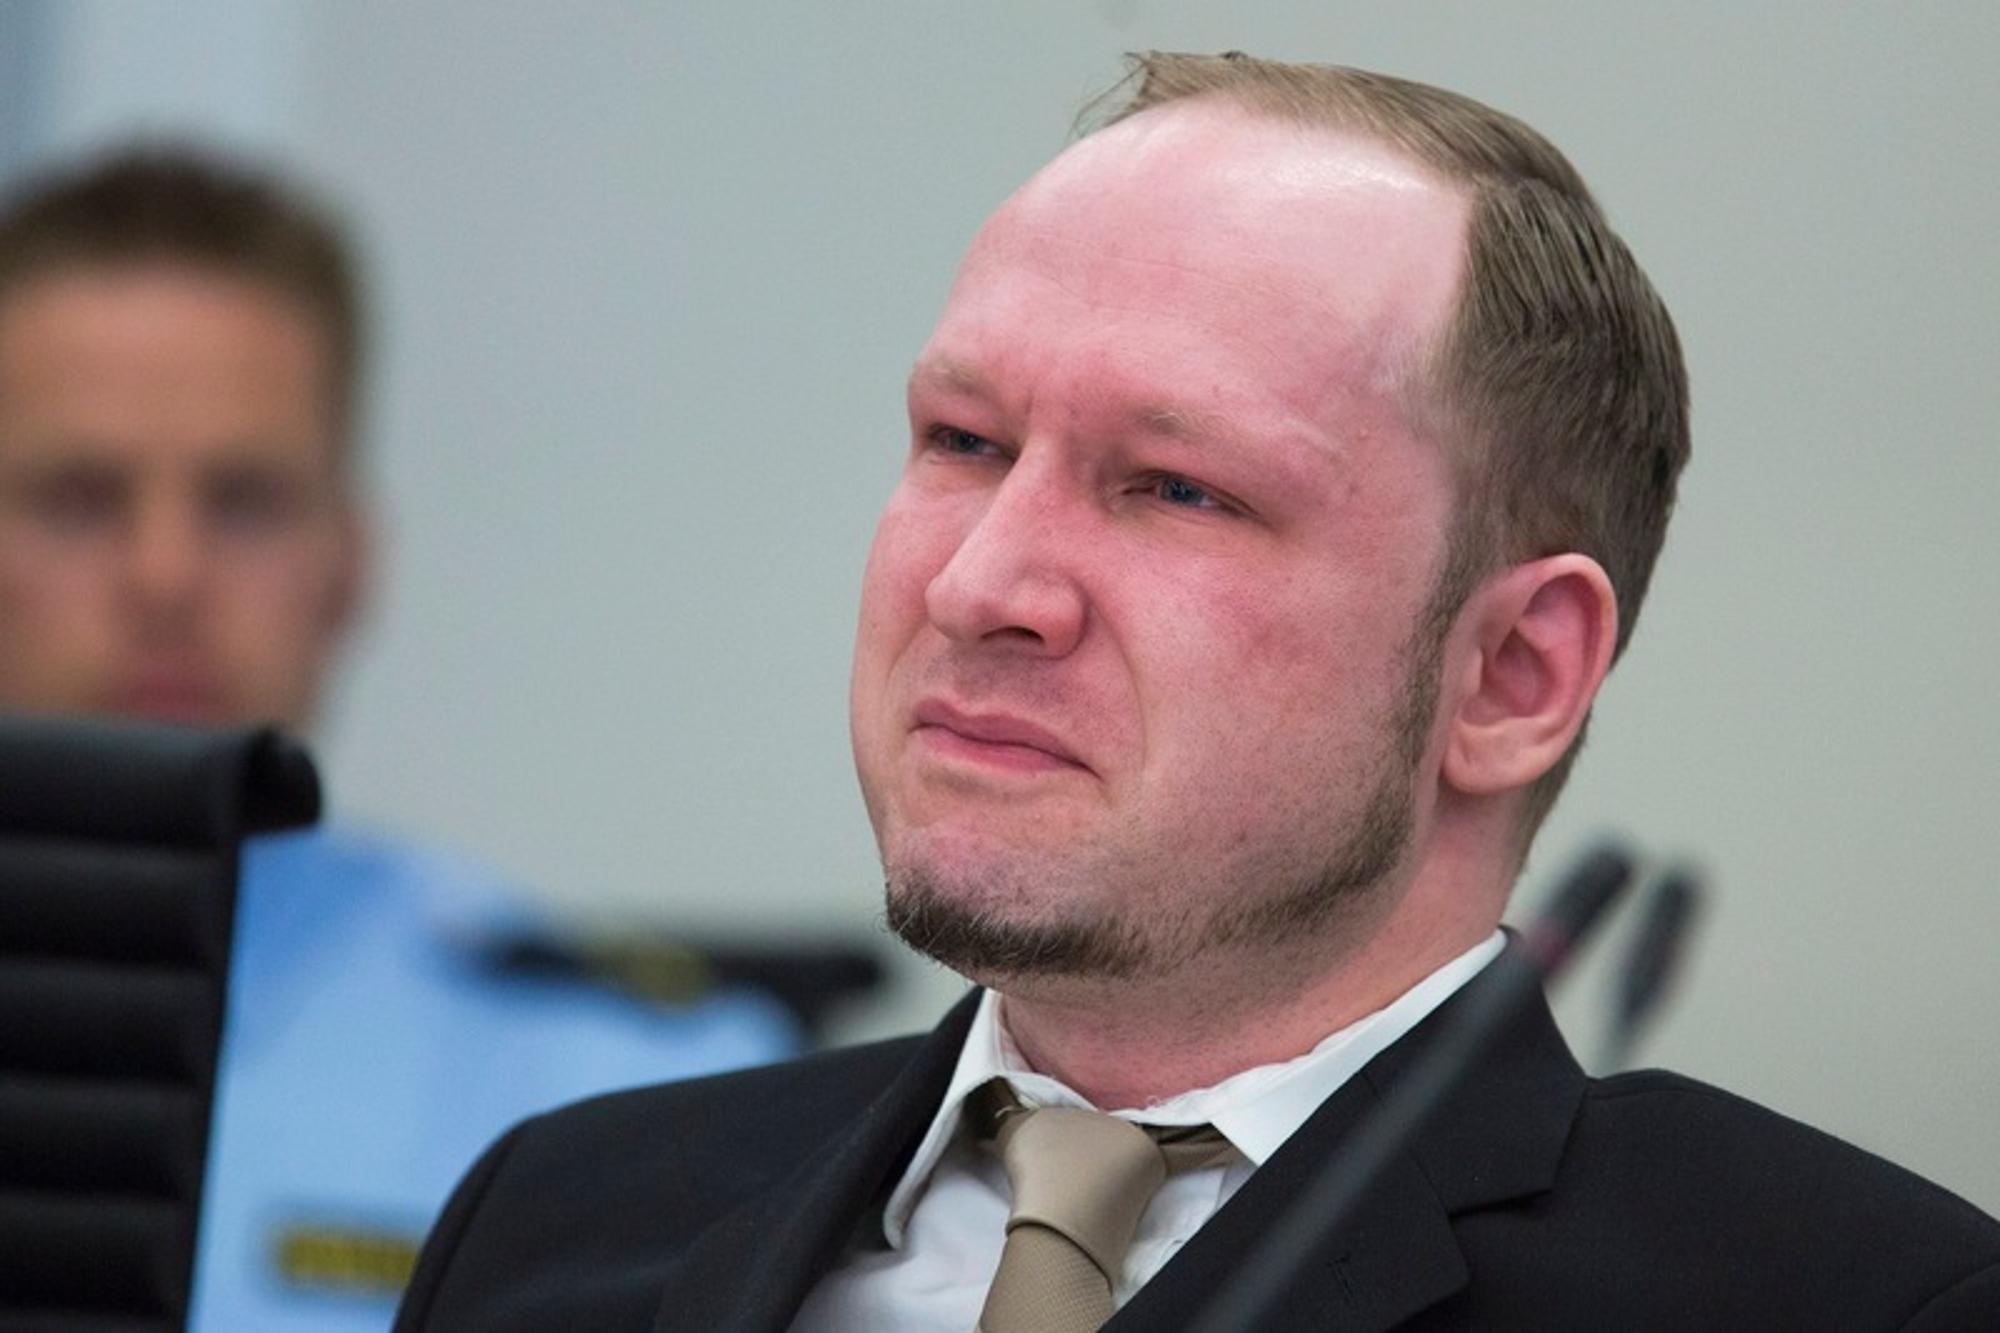 Removed Anders behring breivik have